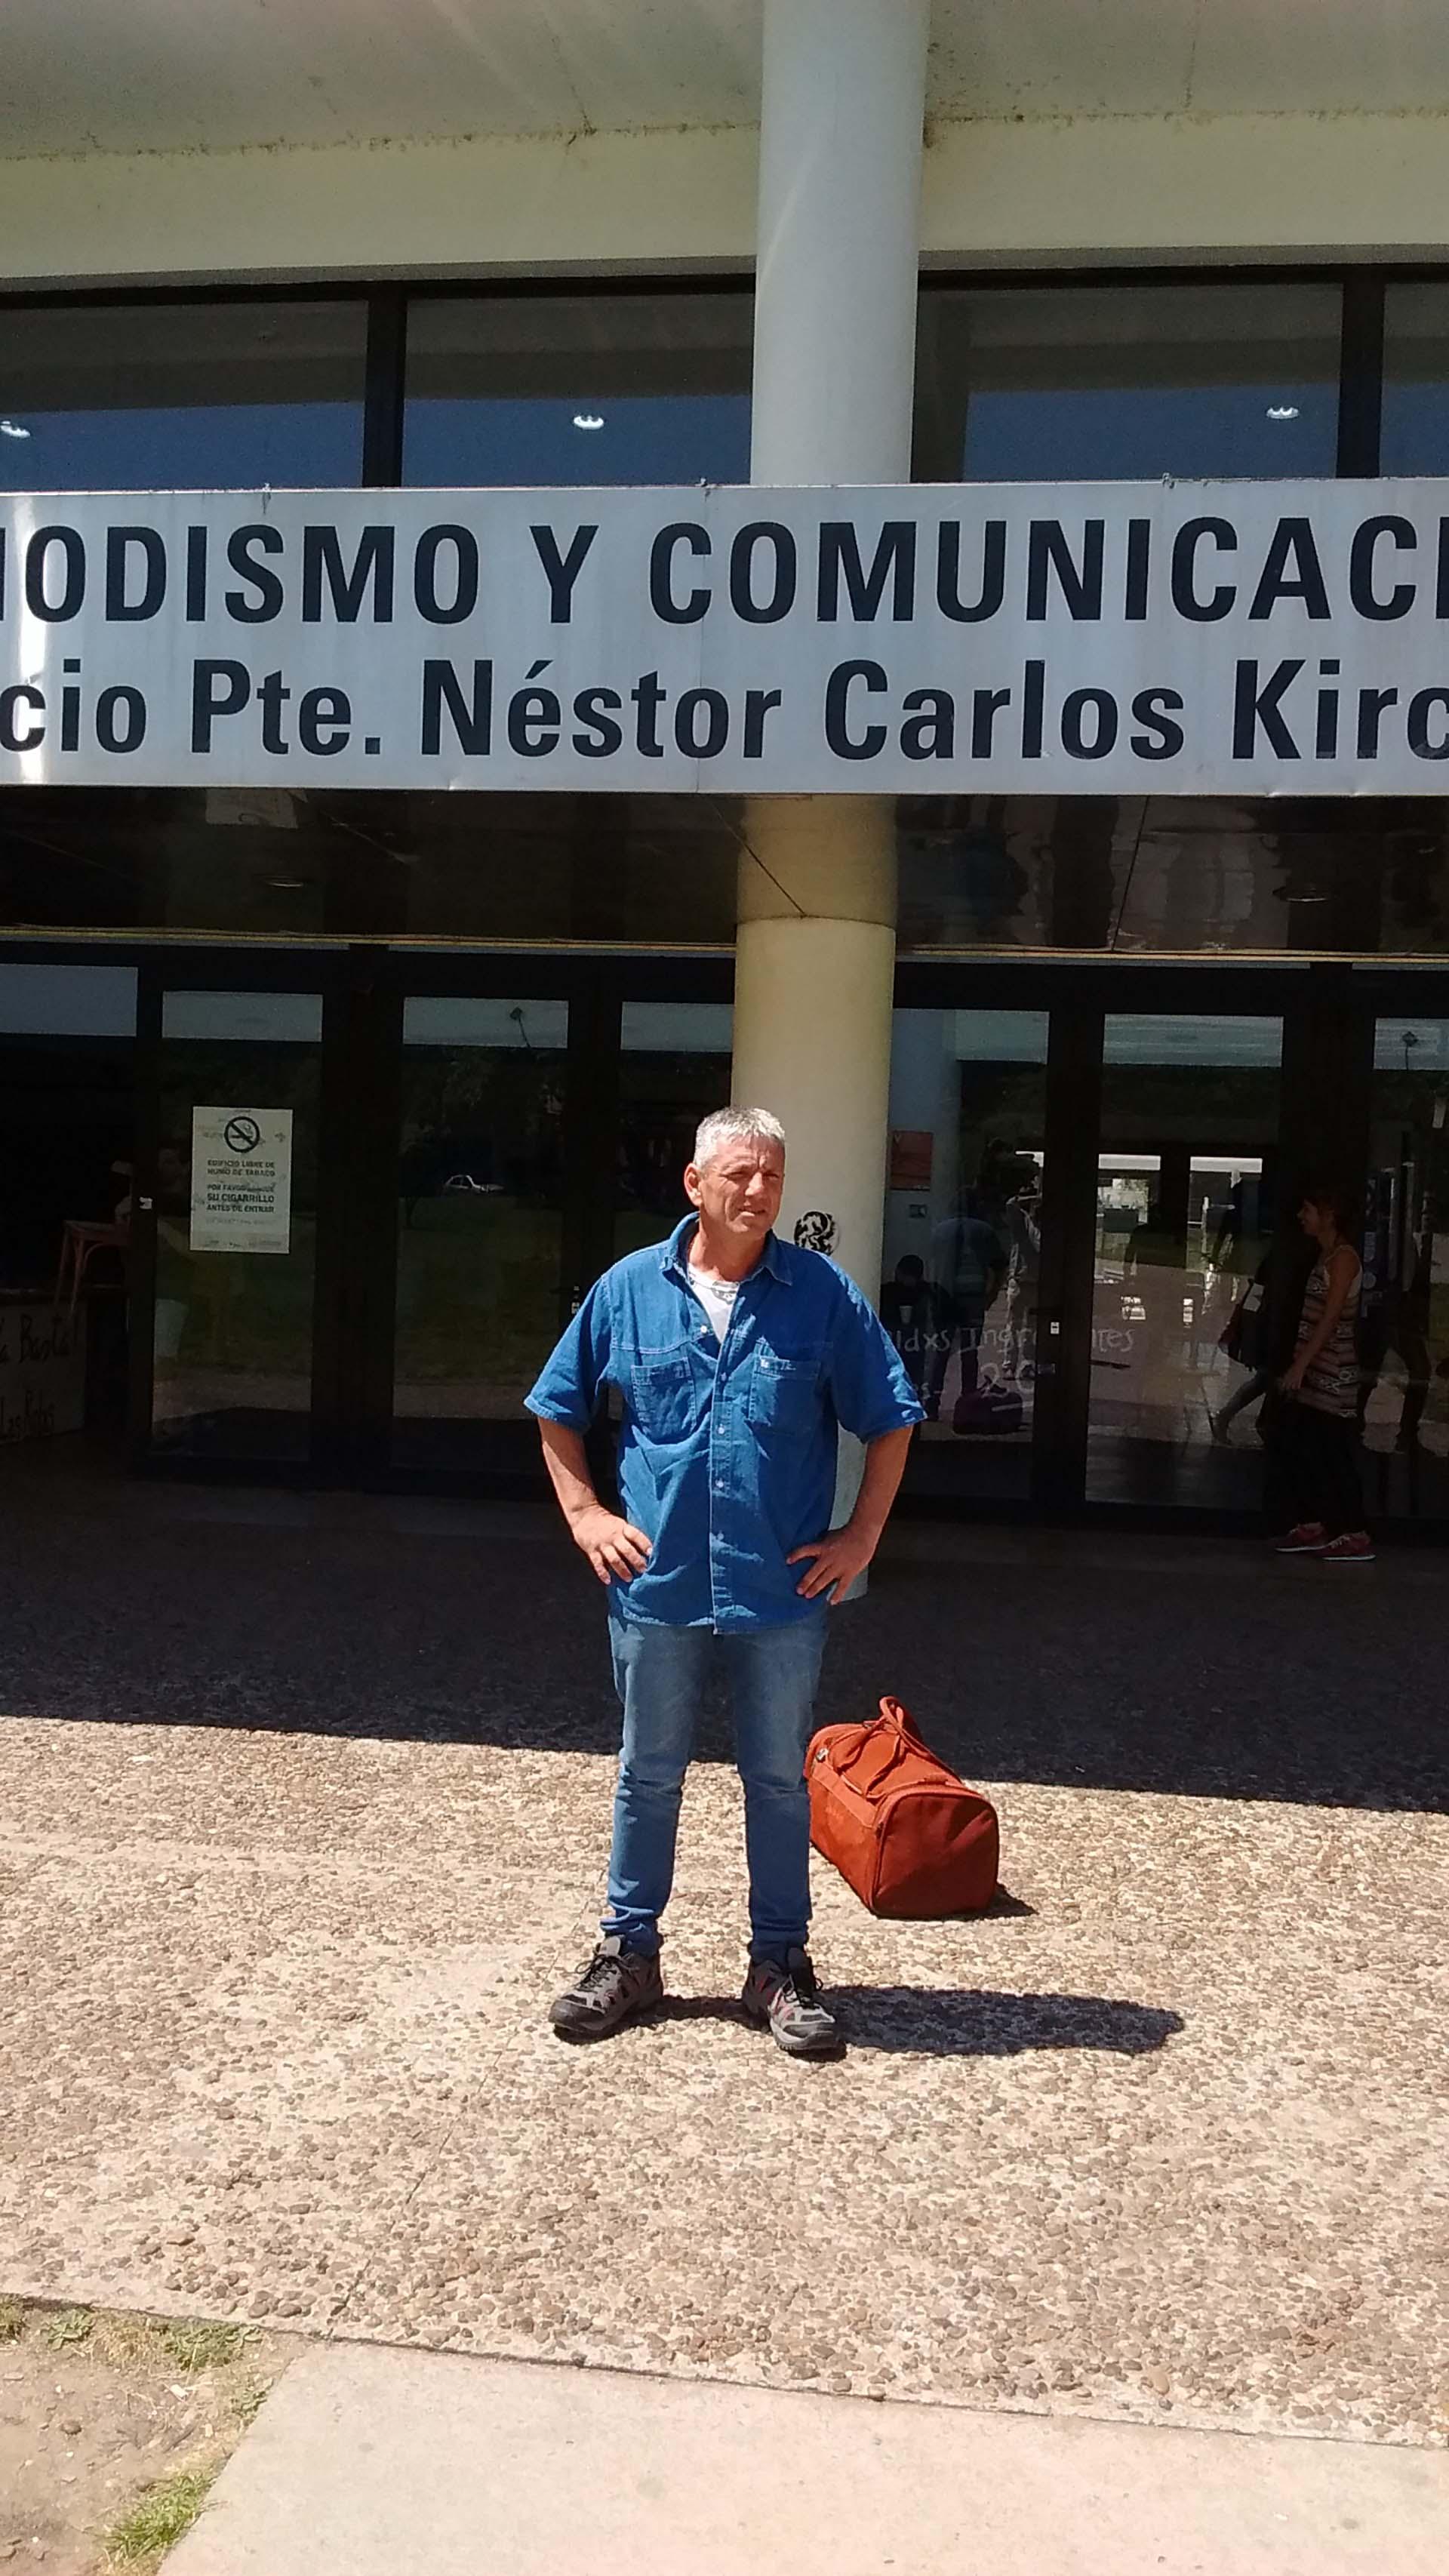 En puerta de la Facultad de Periodismo de la Universidad Nacional de La Plata, donde cursa las últimas materias de la carrera